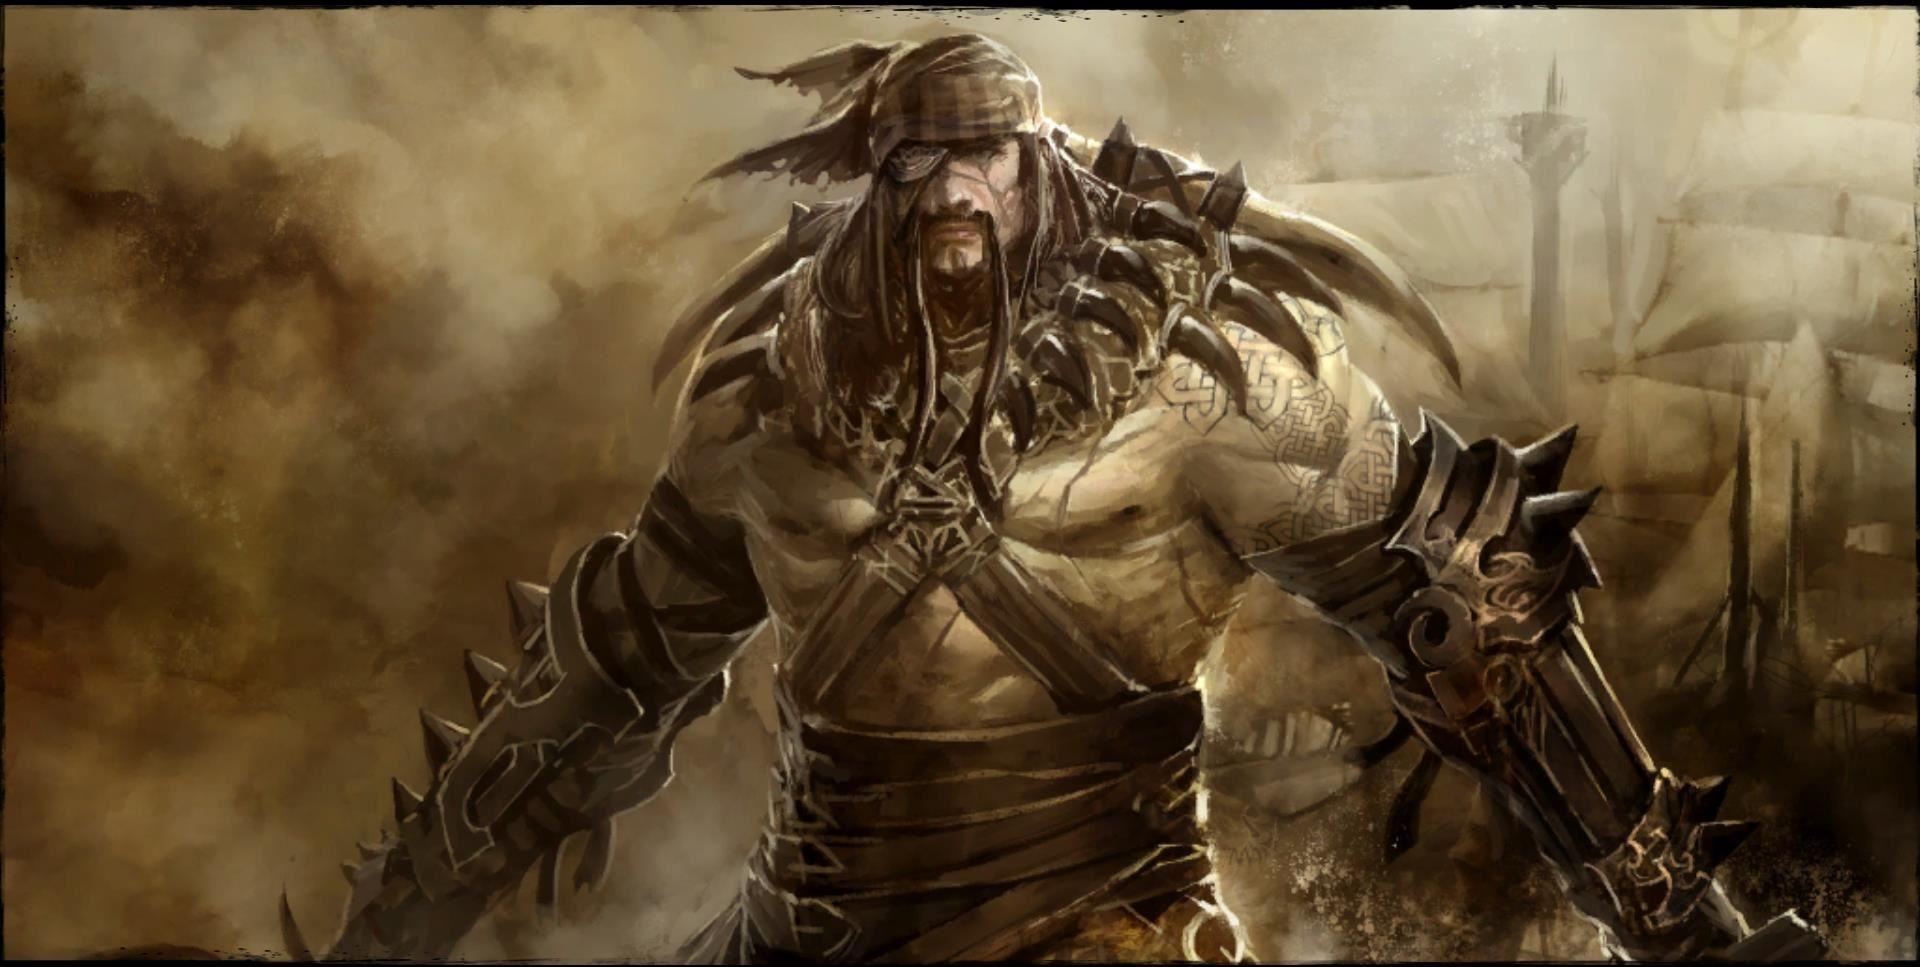 Estás en una arena y un contrincante de reta a un duelo a puños, en el que se prohibe el uso de la magia y las armas.